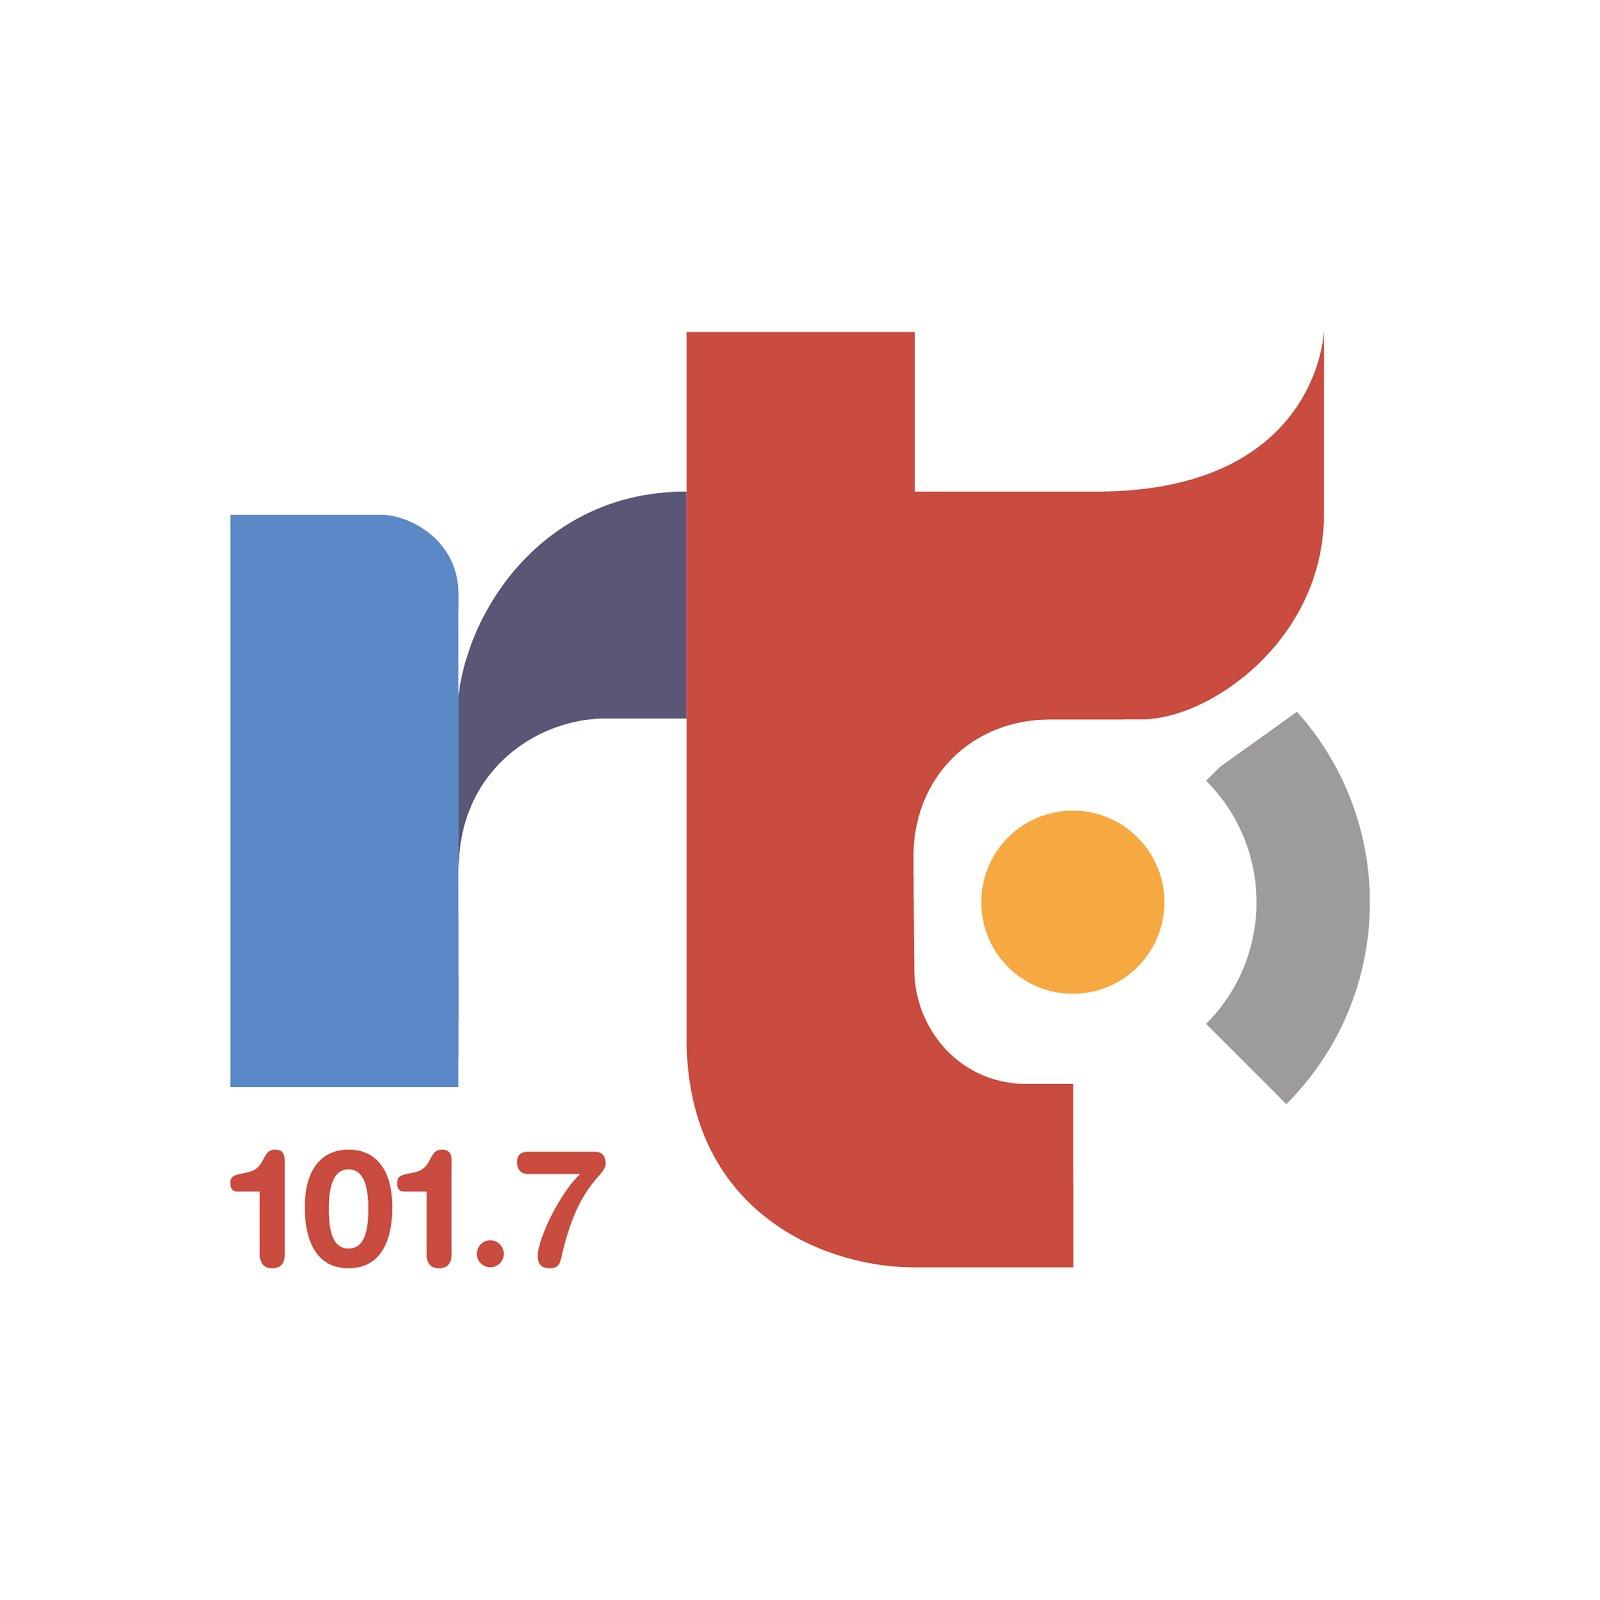 Radio Torredonjimeno (101.7 FM)